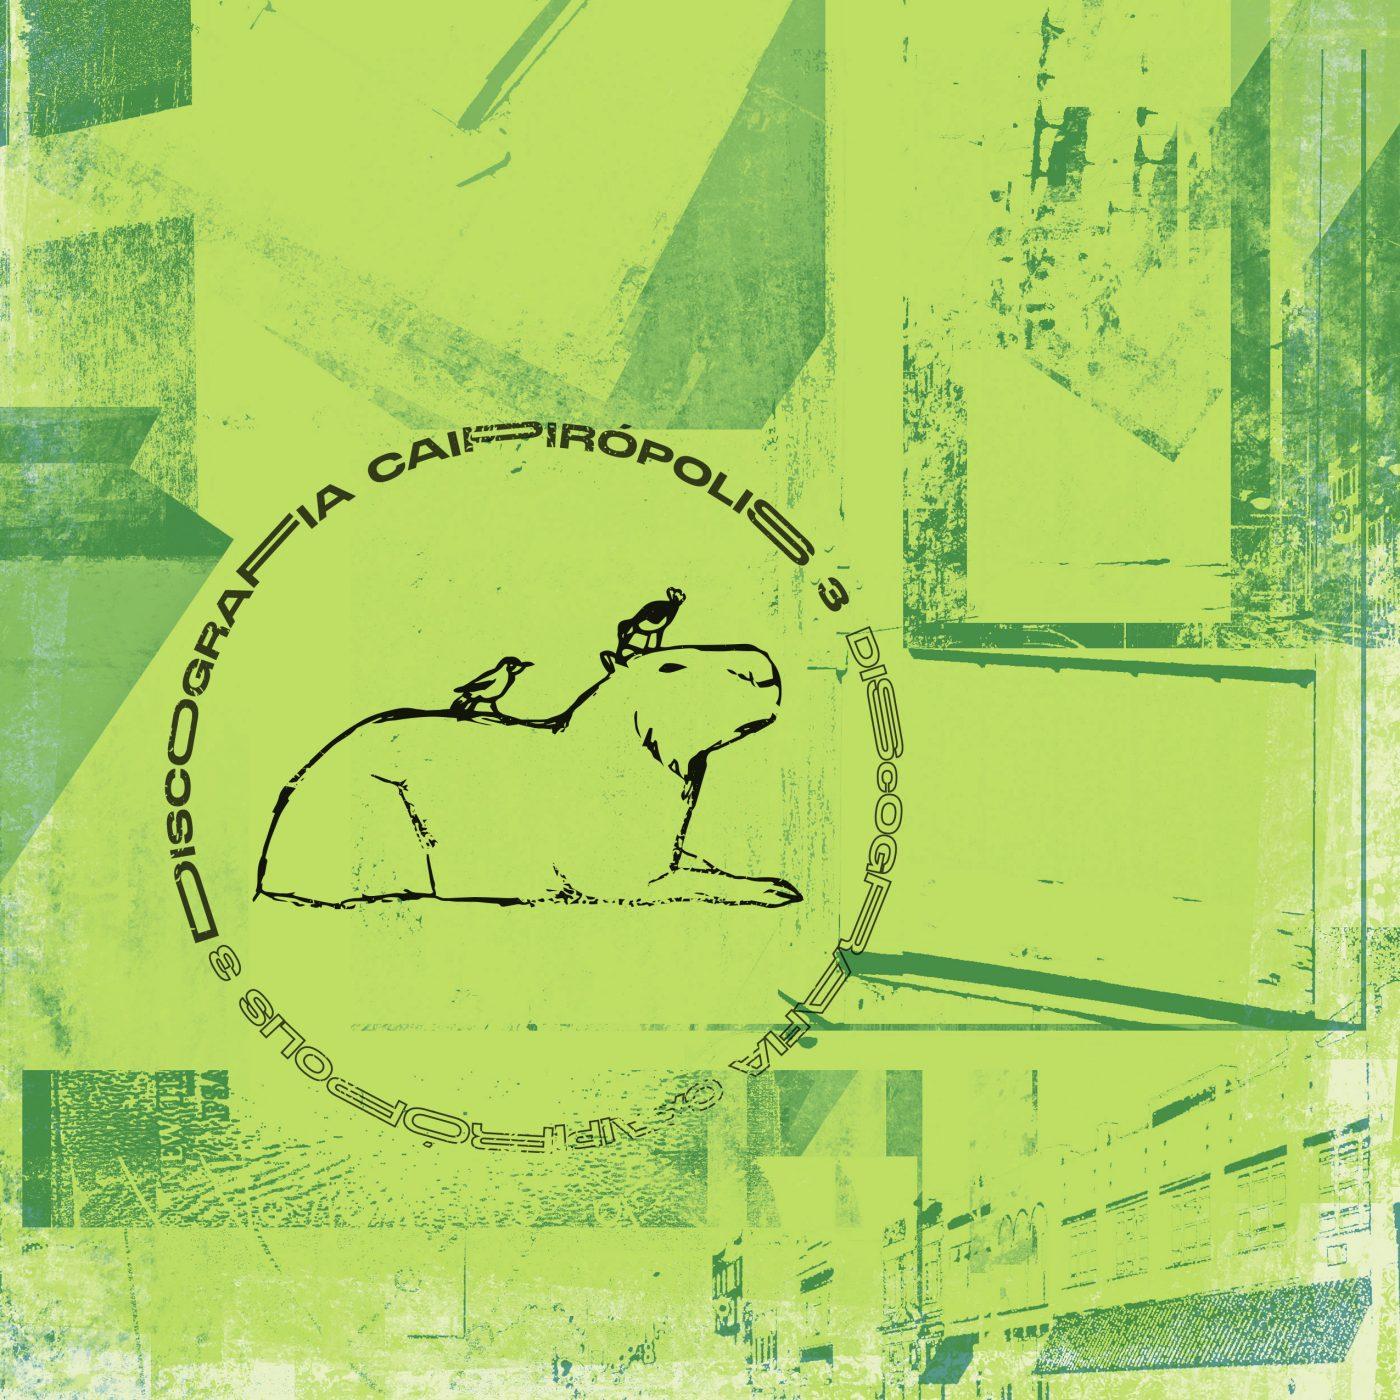 Discografia Caipirópolis Volume 3